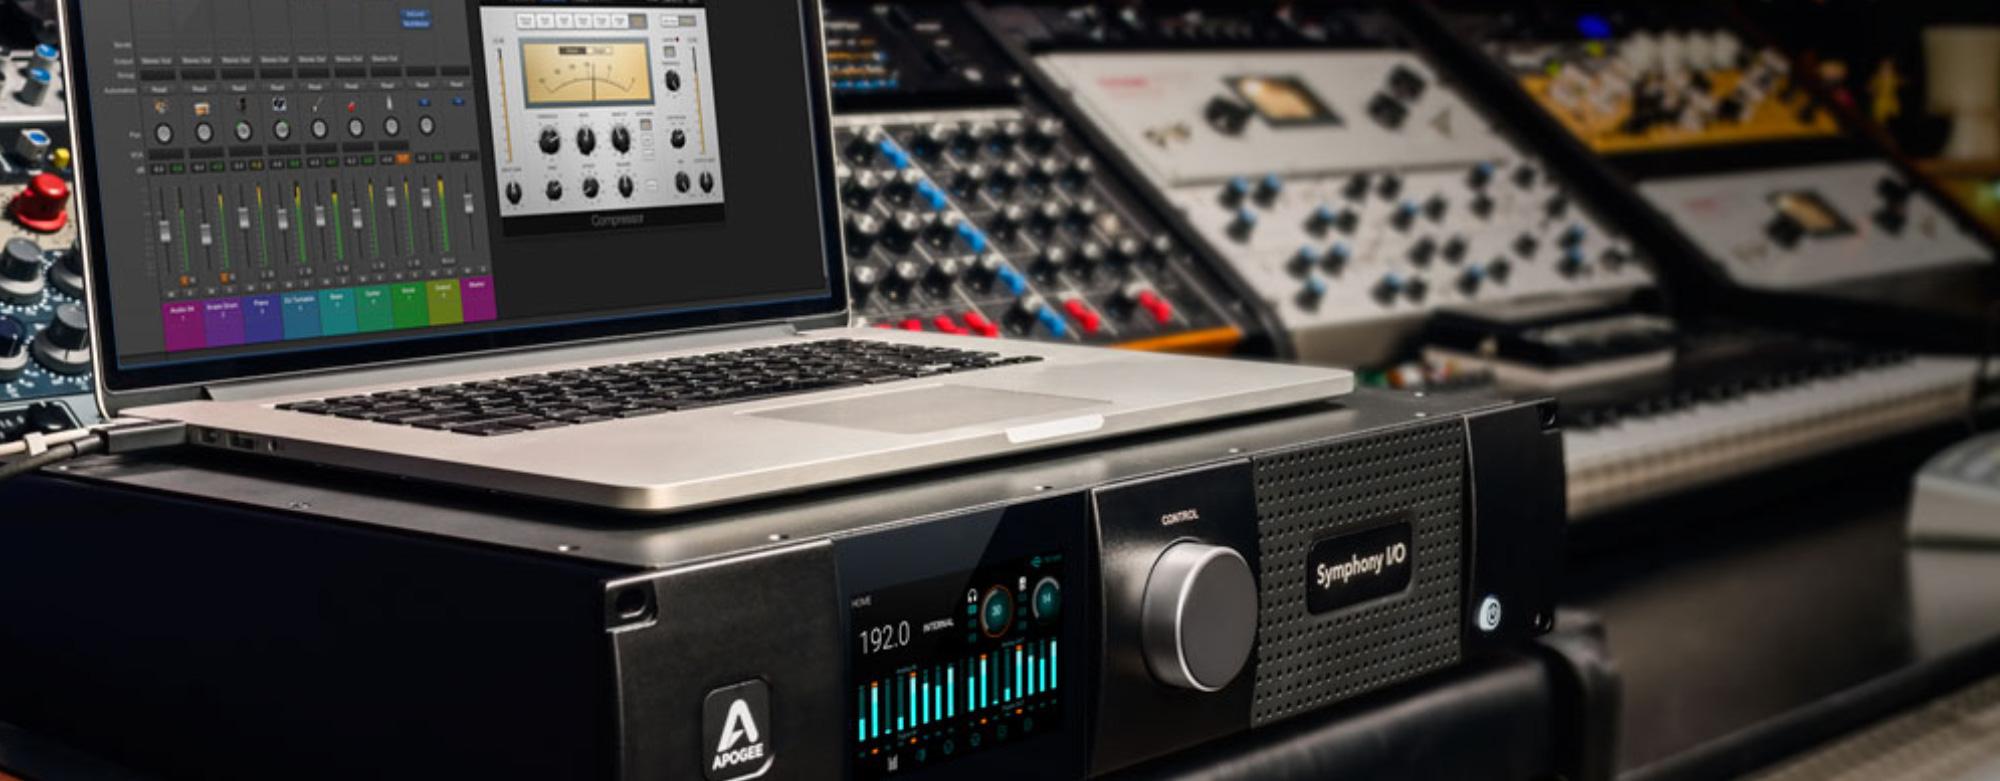 sio-mk-ii-pro-studio-desk